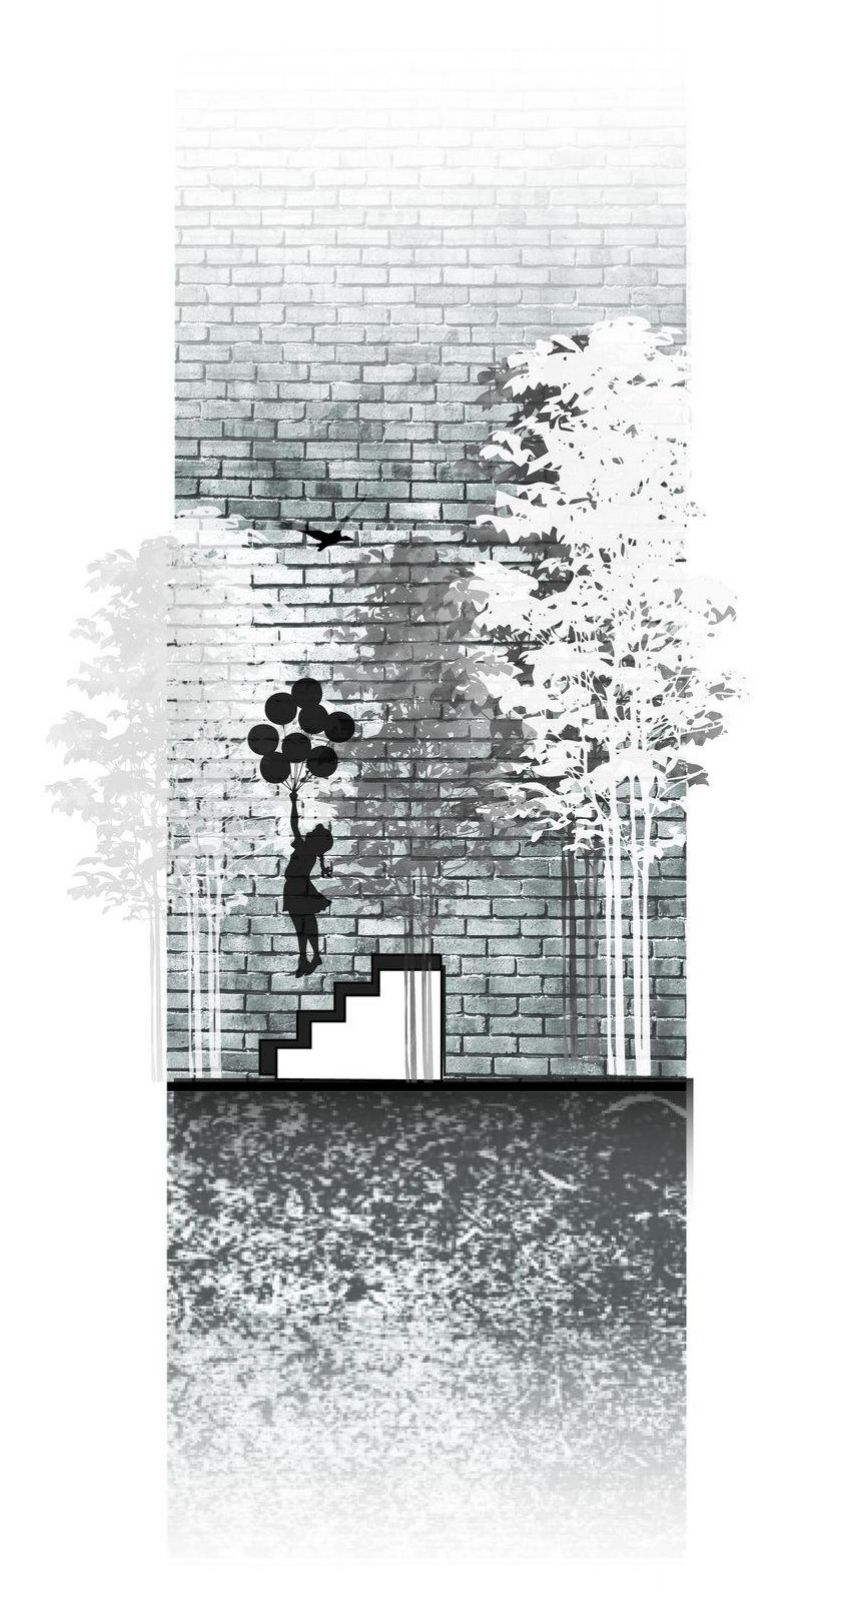 Stoop_Banksy.jpg